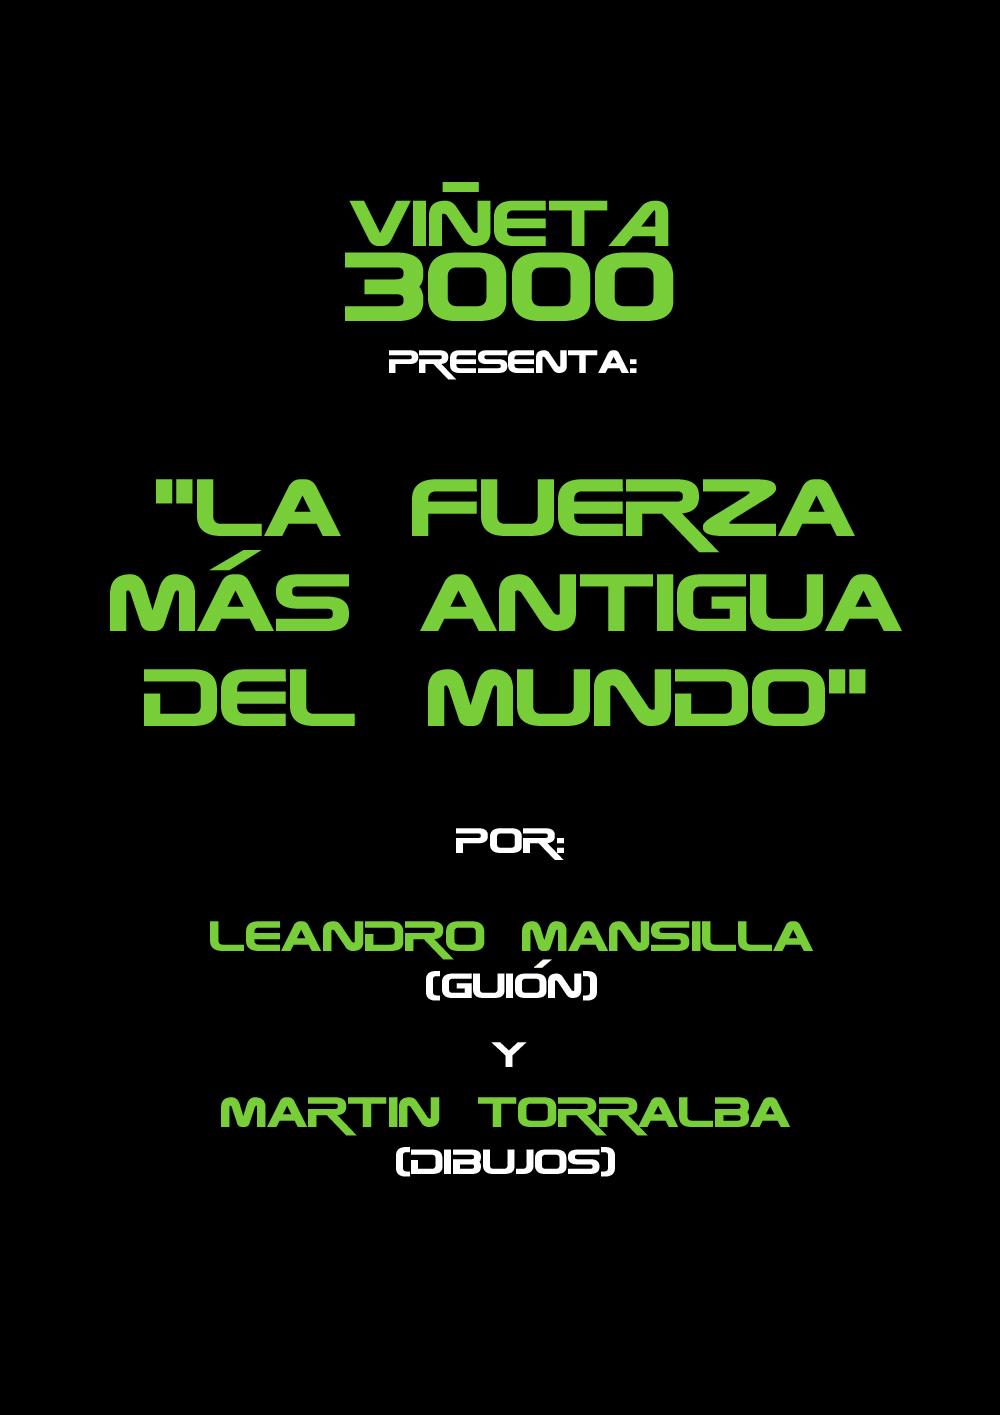 caratula3000-5-HD